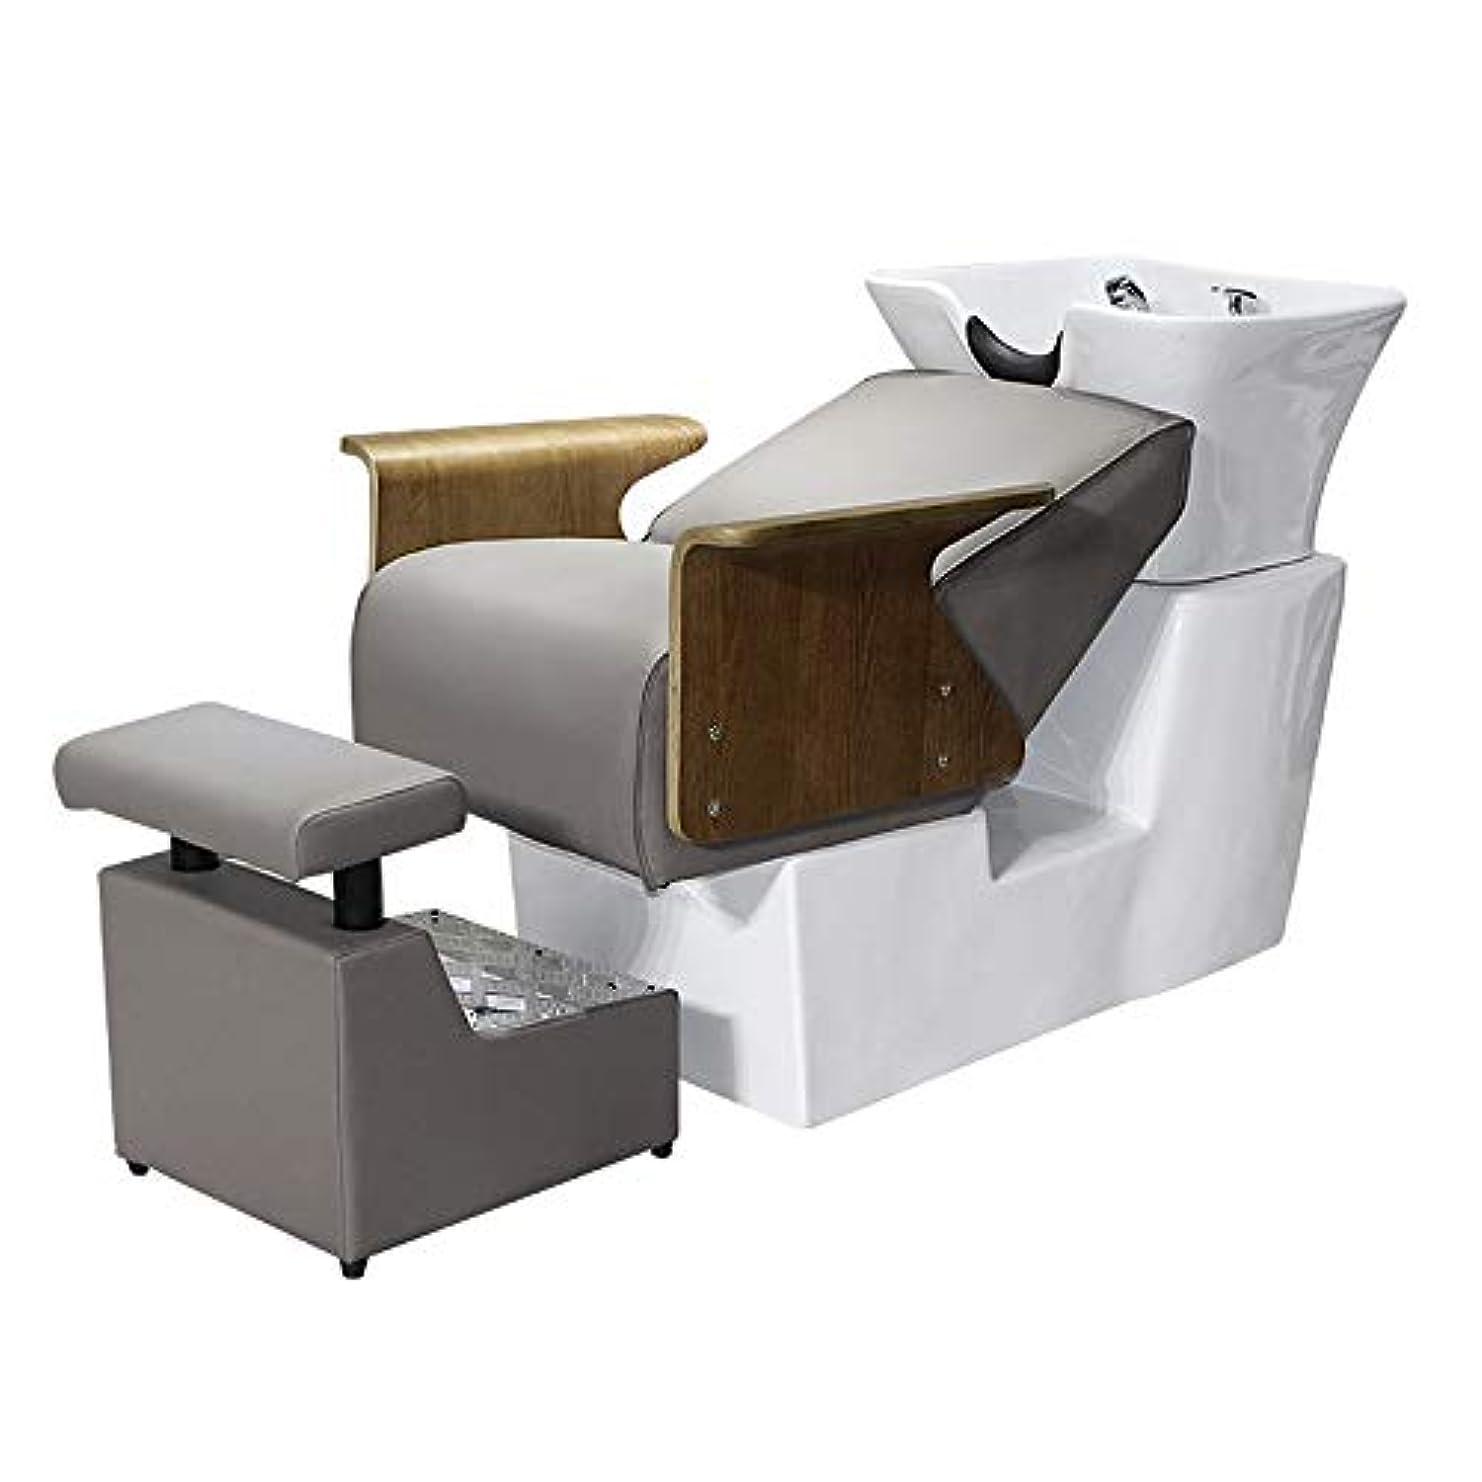 タイト甲虫回復シャンプーの椅子、陶磁器の洗面器のシャンプーのベッドの逆洗の単位の鉱泉の美容院装置のためのシャンプーボールの理髪の流しの椅子